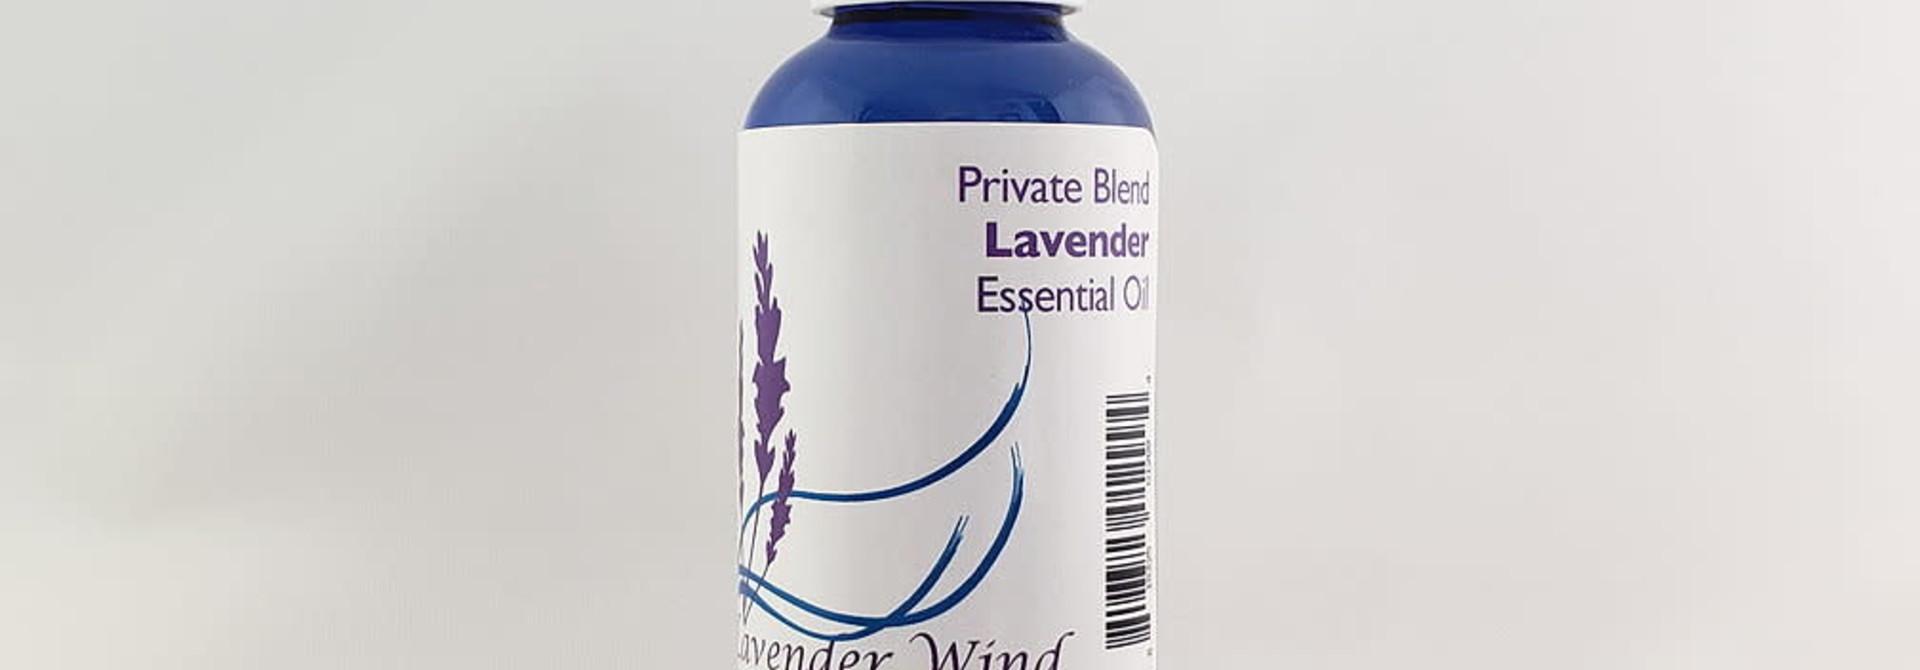 Private Blend Essential Oil 1 oz